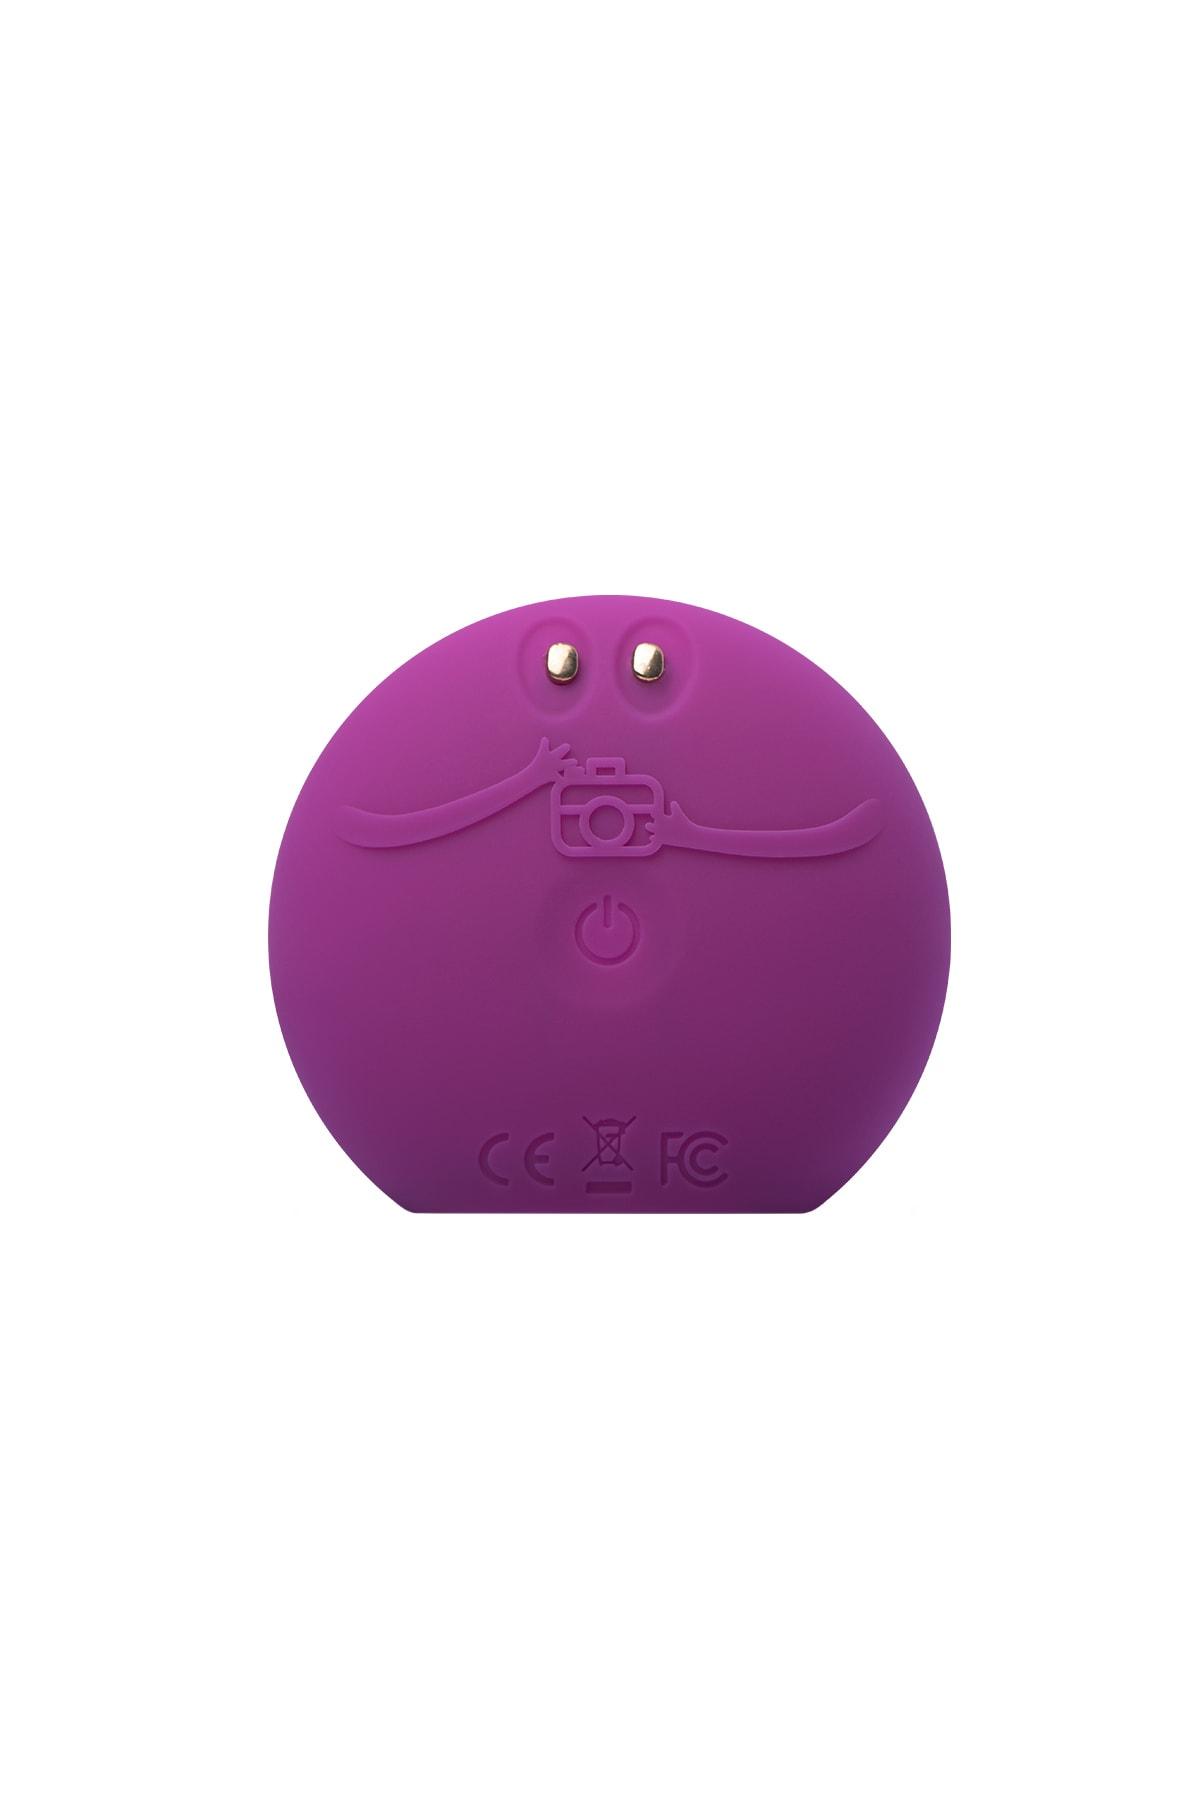 Foreo LUNA Fofo Akıllı Yüz Temizleme ve Masaj Cihazı - Purple 7350092137867 1